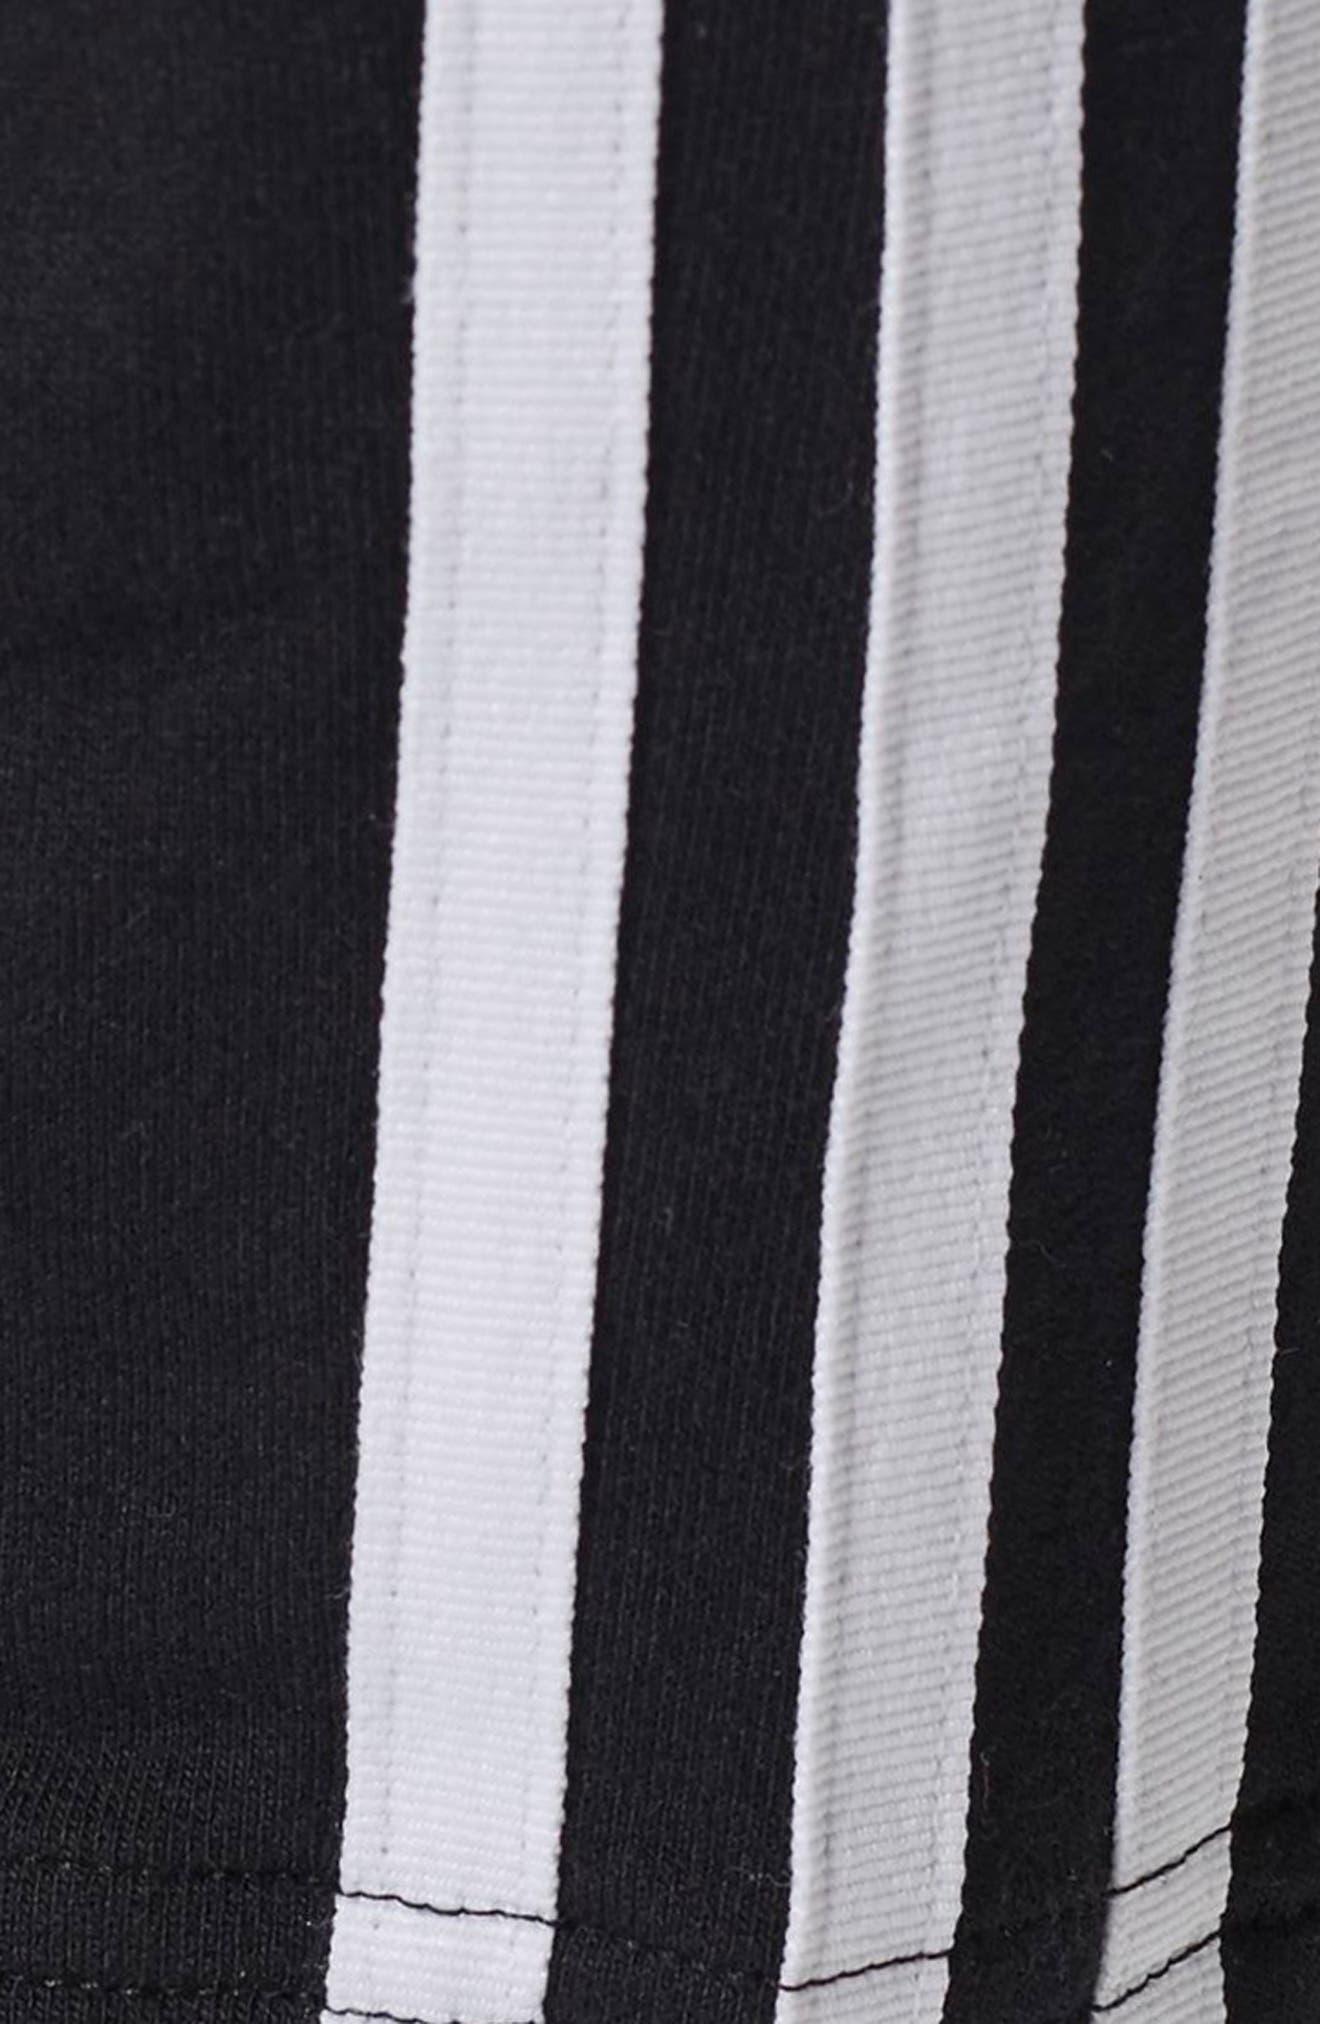 3-Stripes Tapered Pants,                             Alternate thumbnail 7, color,                             Black